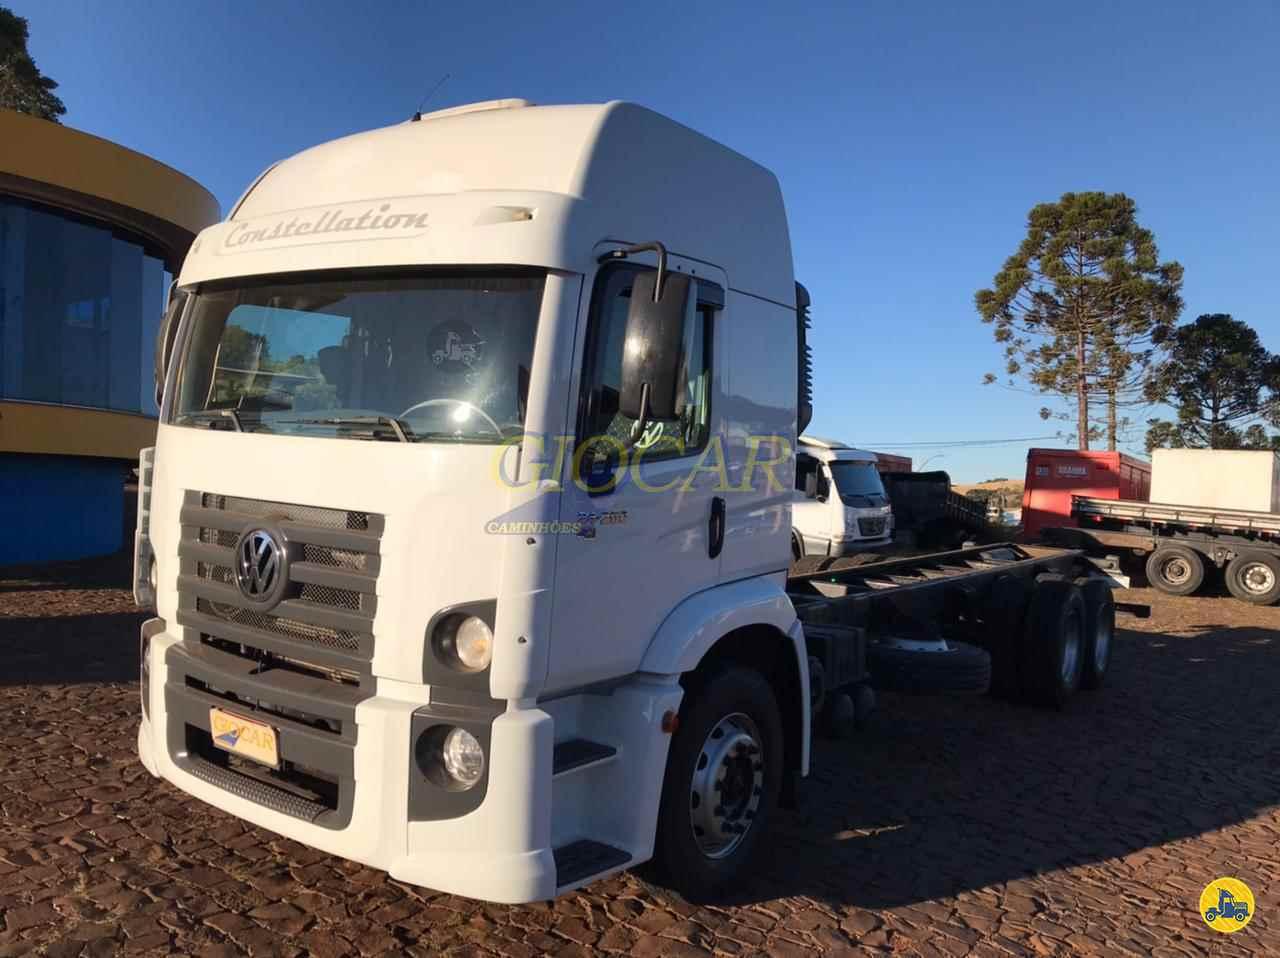 CAMINHAO VOLKSWAGEN VW 24250 Graneleiro Truck 6x2 Giocar Caminhões PATO BRANCO PARANÁ PR